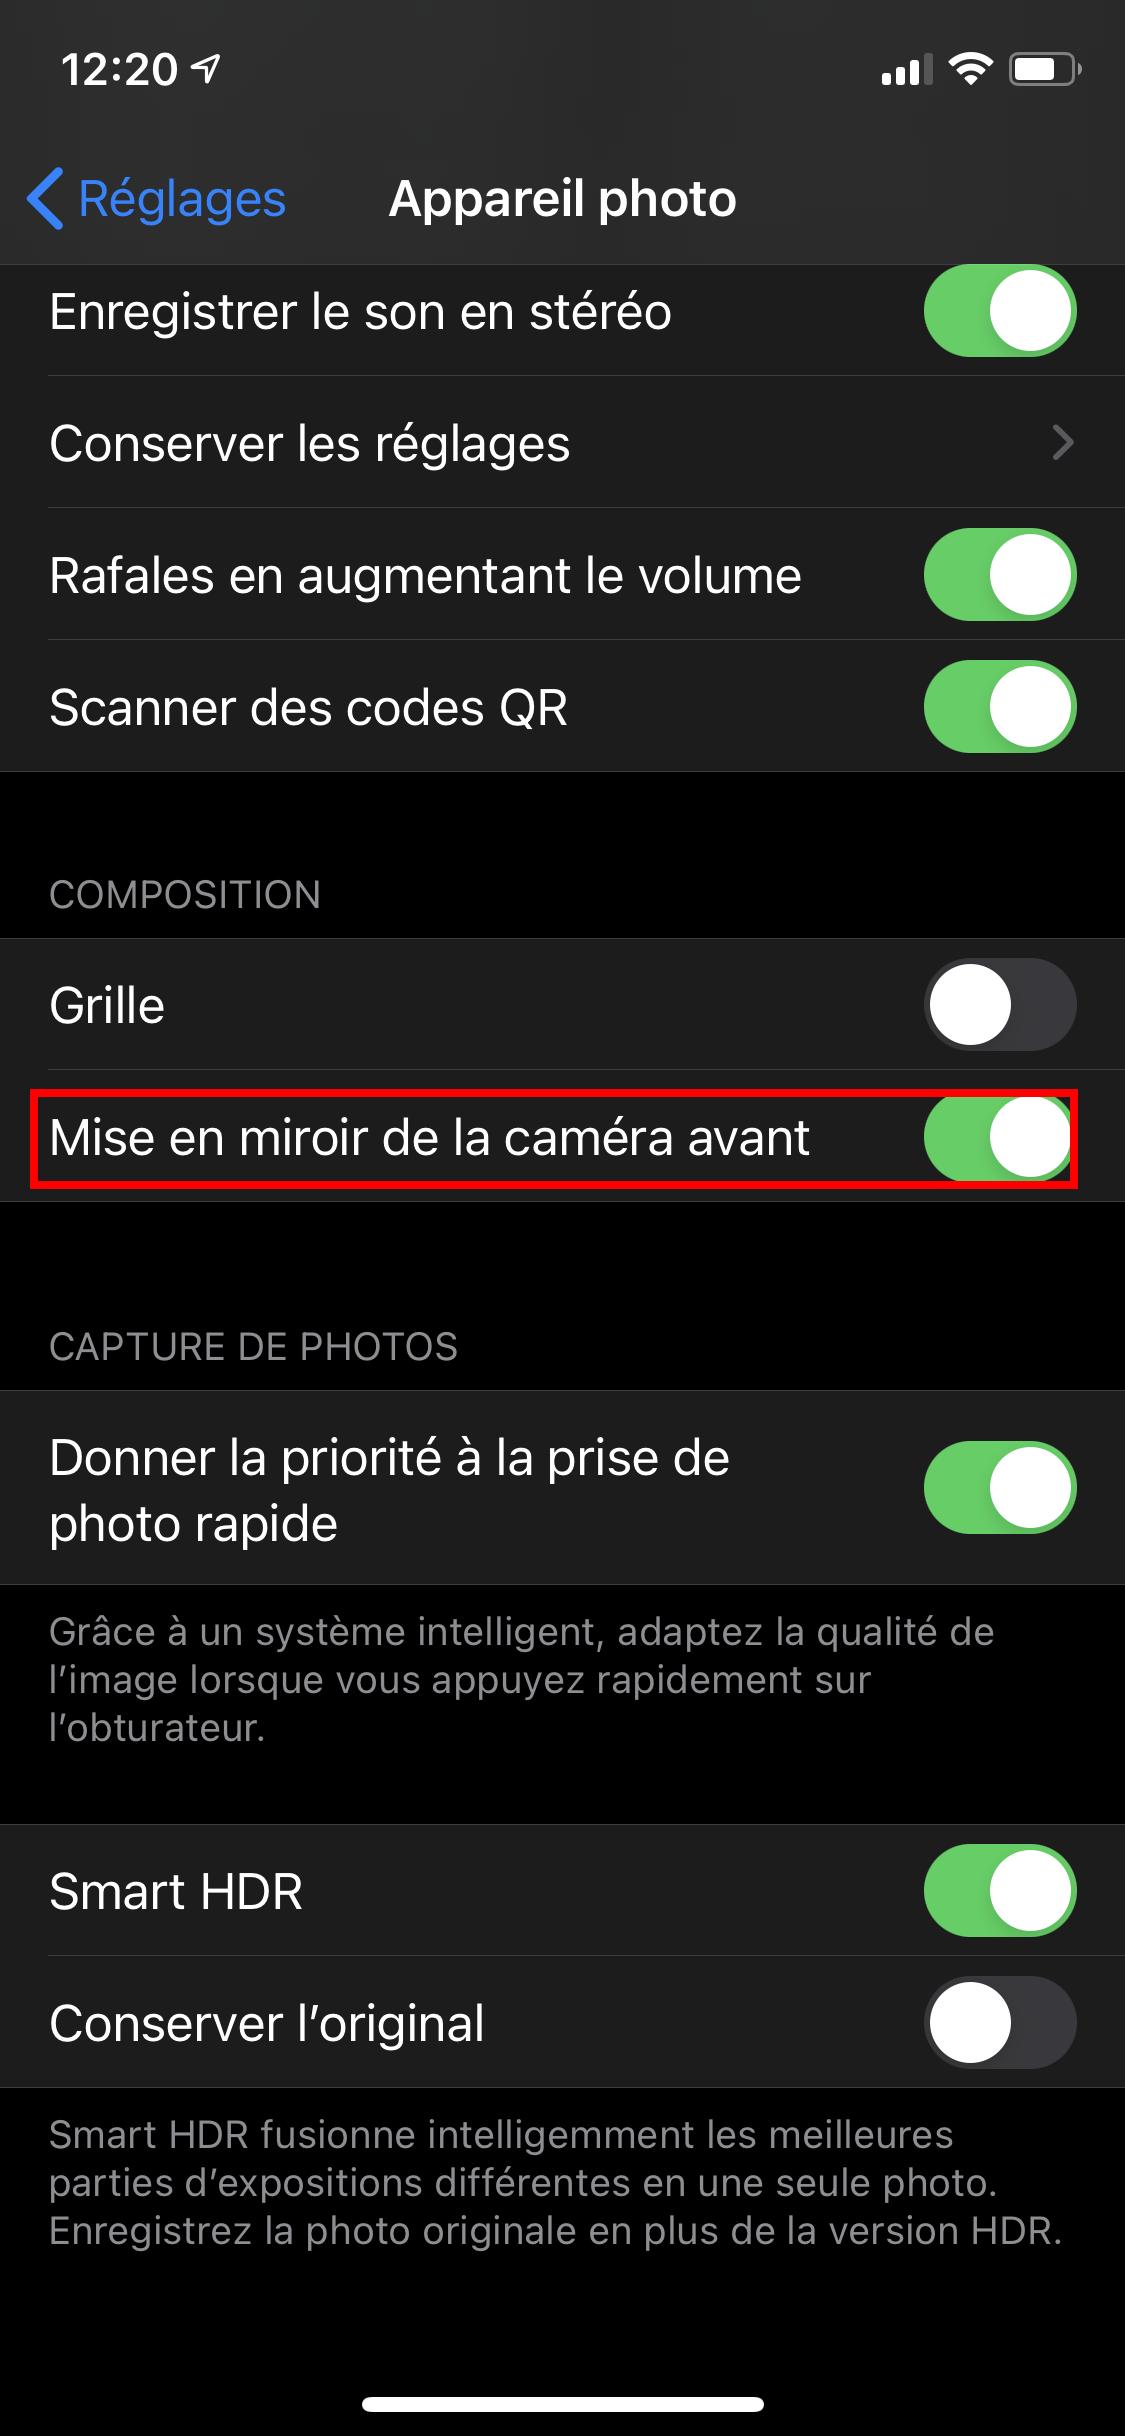 iOS 14 Caméra Photos